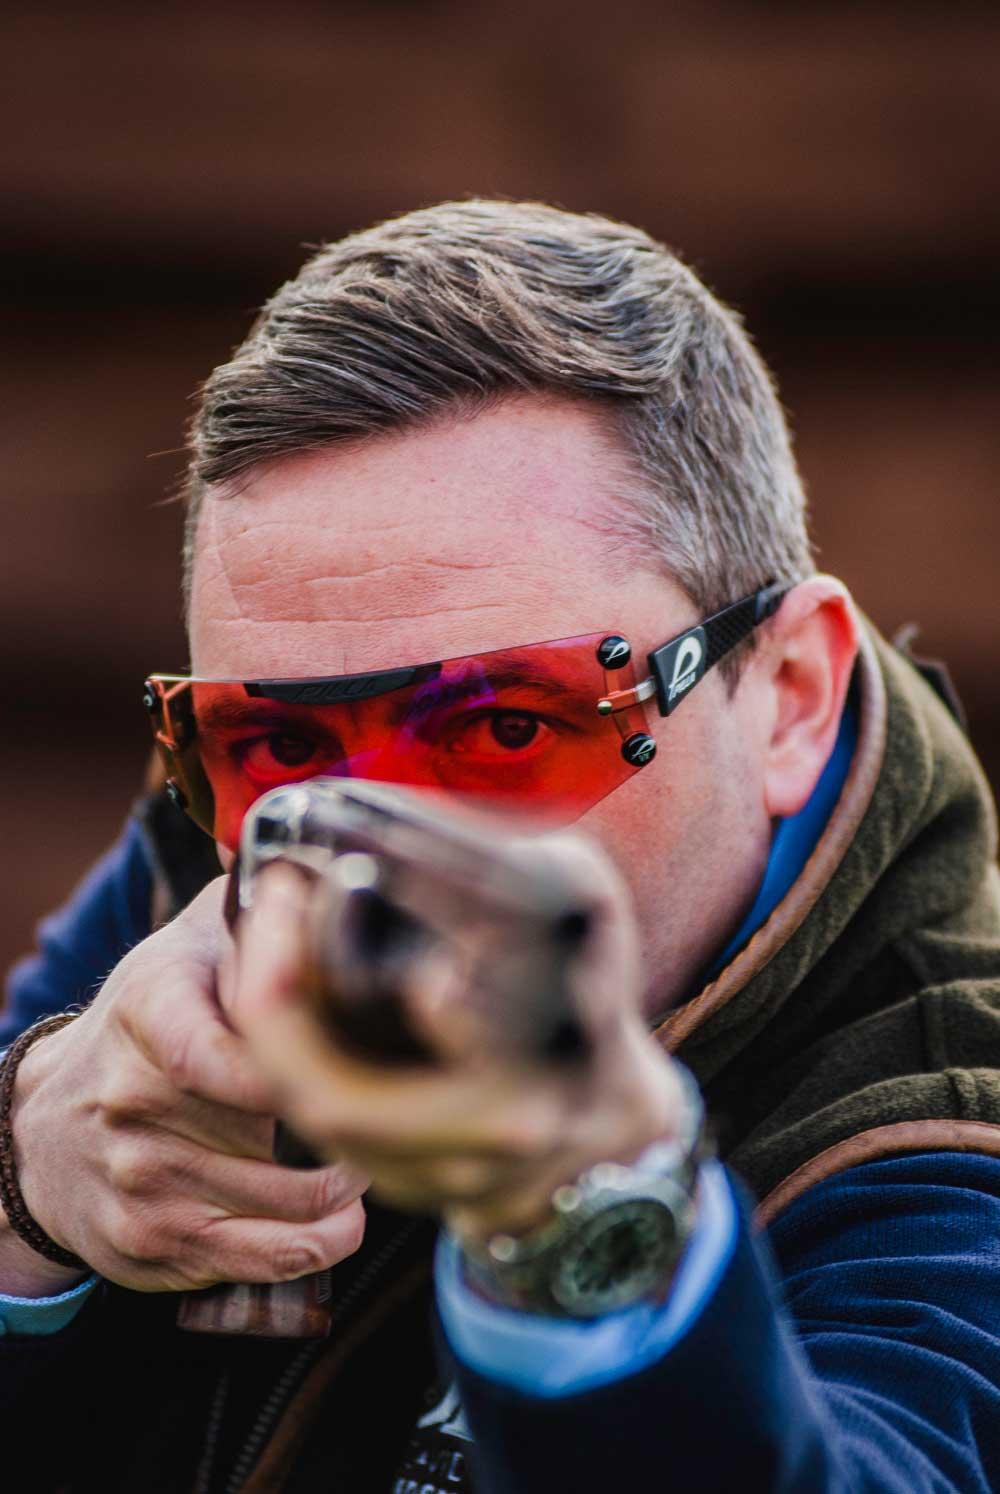 David beardsmore shooting